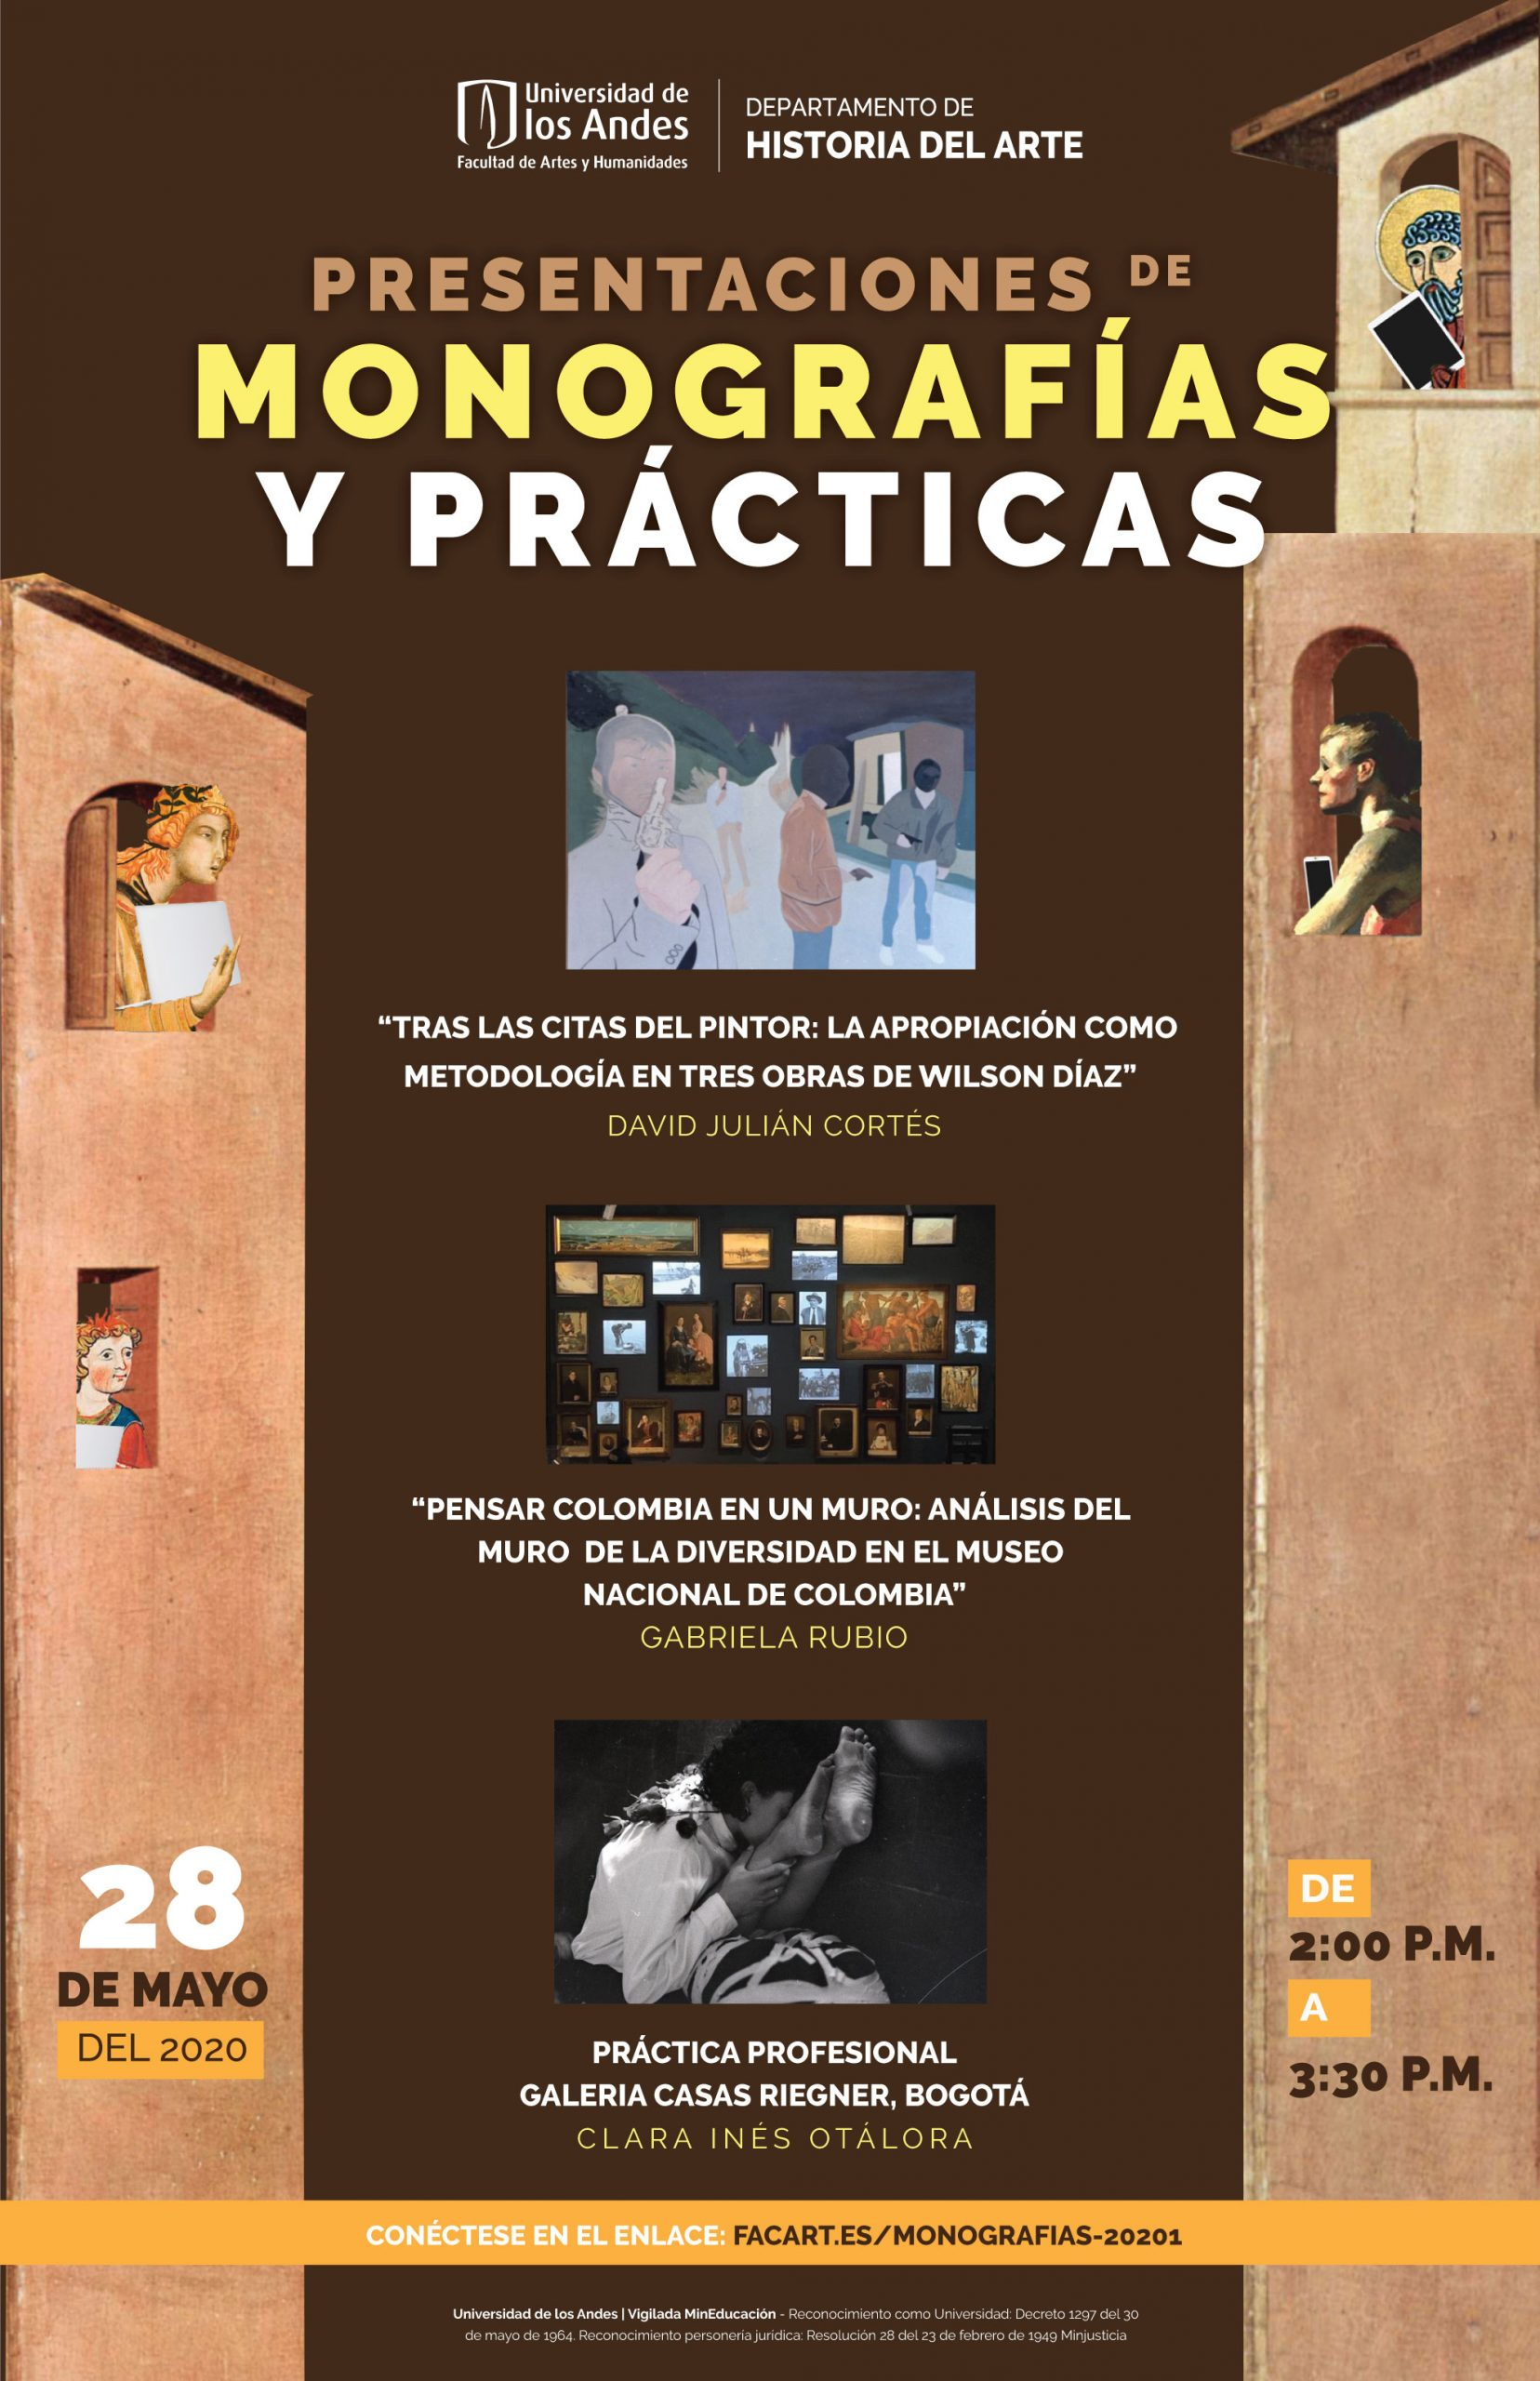 Presentación de monografías y prácticas